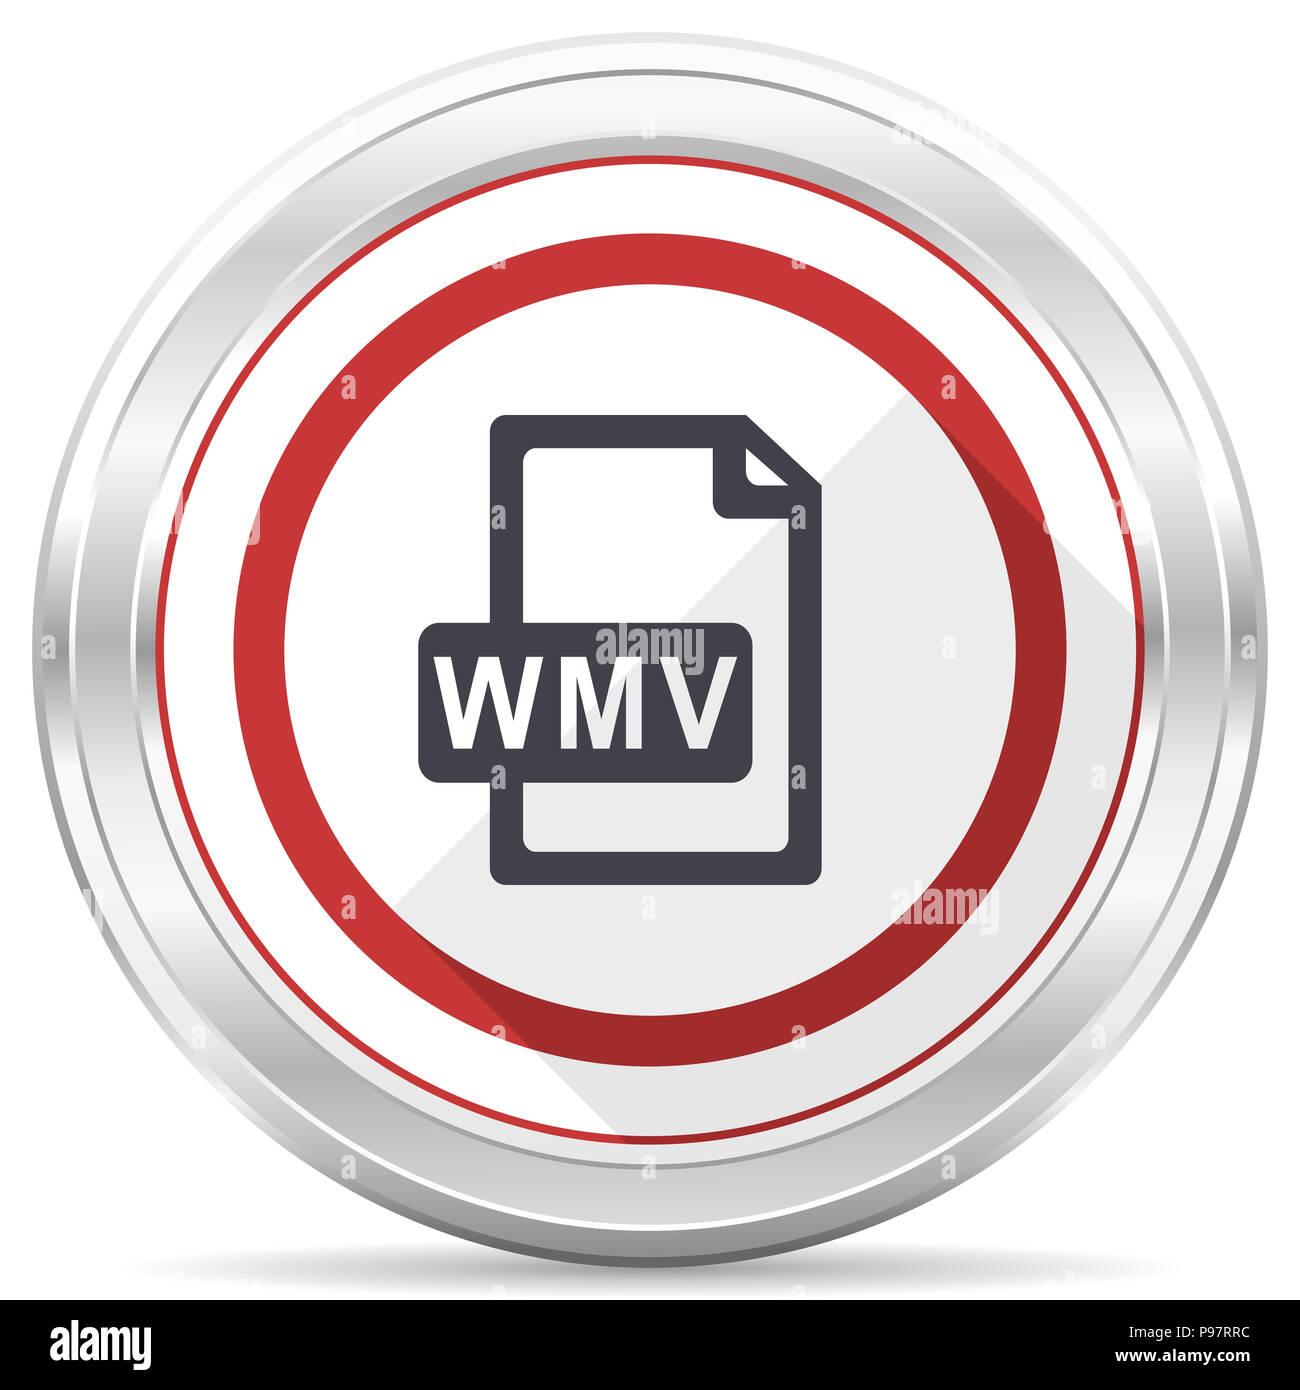 Wmv file silver metallic chrome border round web icon on white